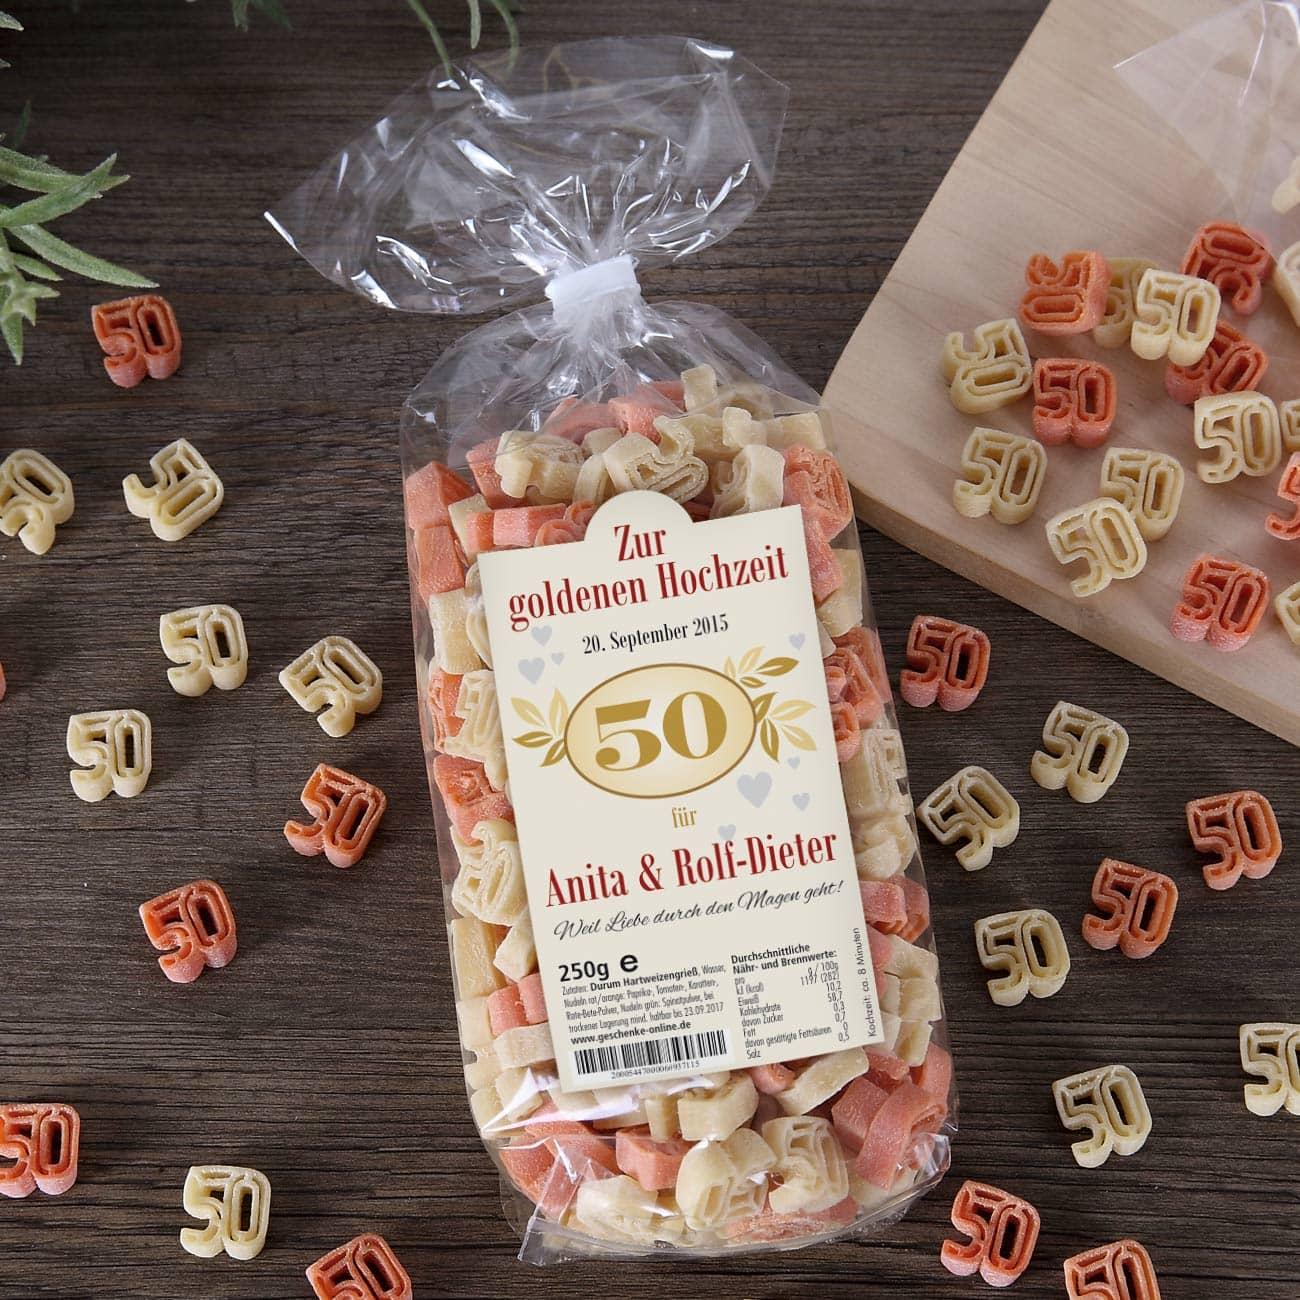 Zahlen Nudeln Zur Goldenen Hochzeit In Persönlicher Verpackung